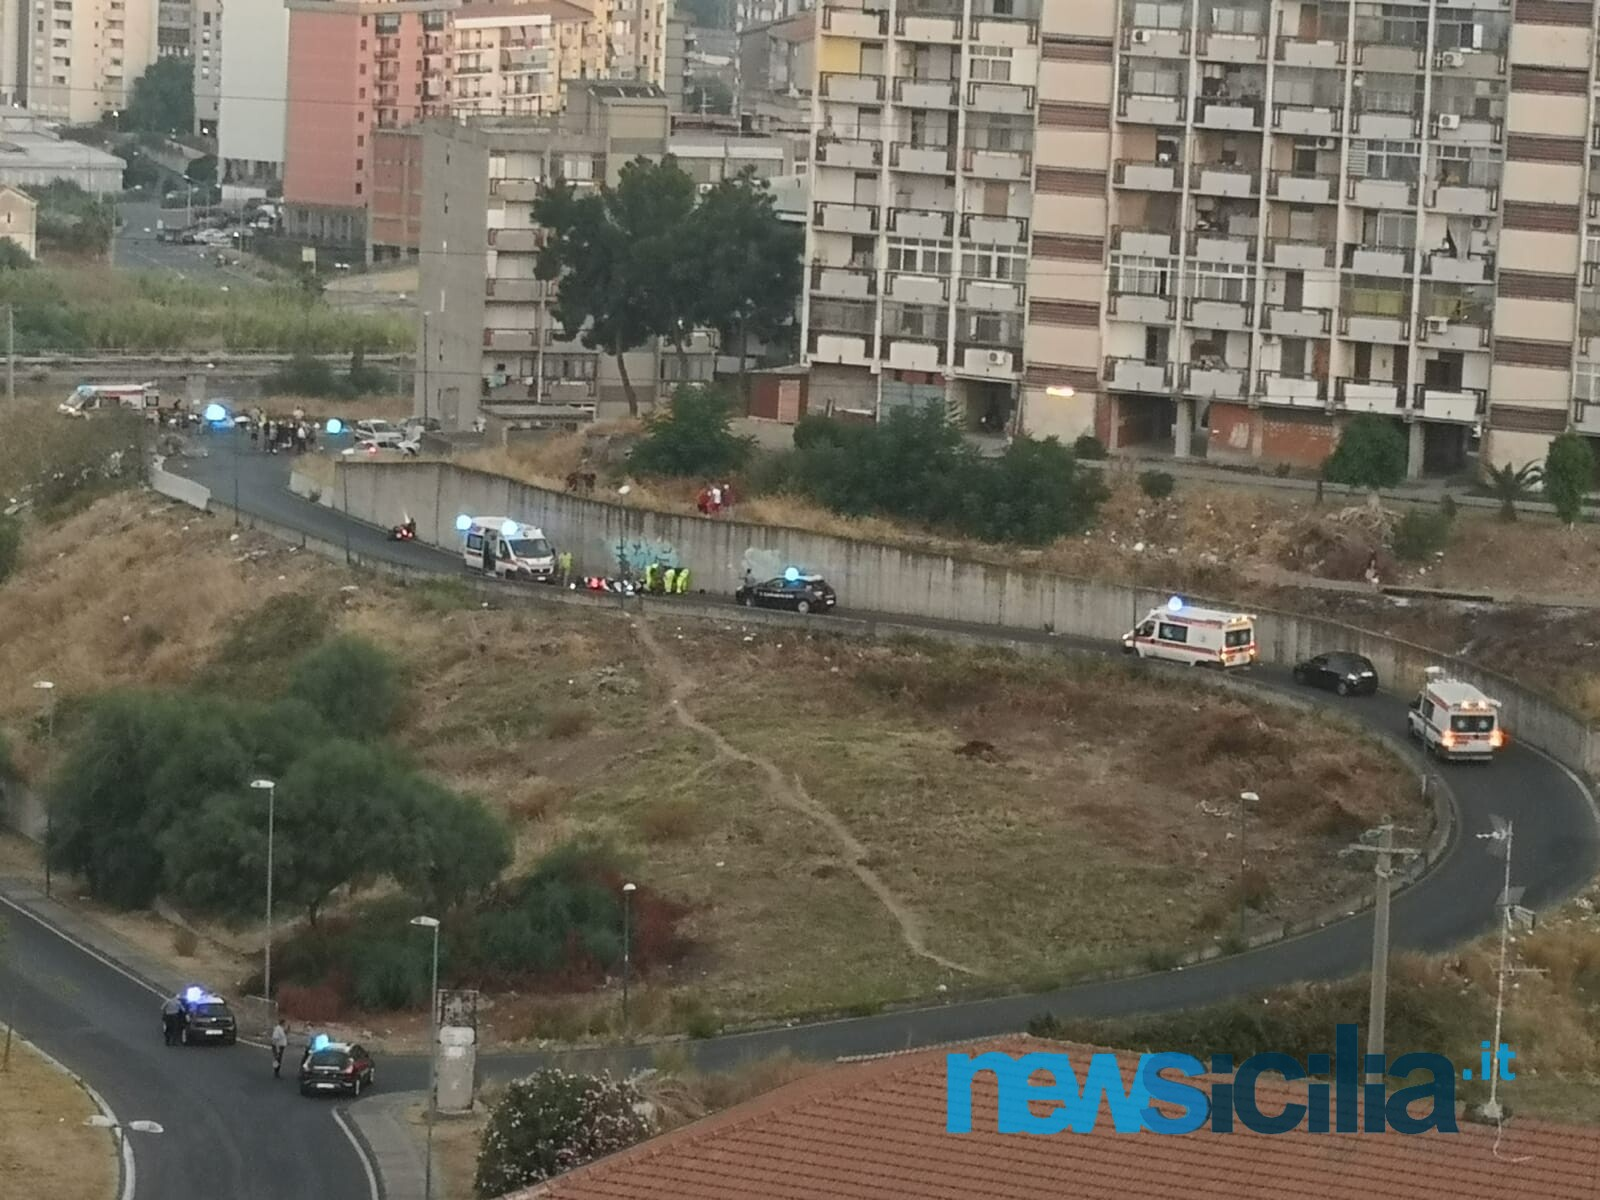 Catania come un far west, dagli spari alle urla in strada: un morto e tre feriti nel rione San Giorgio